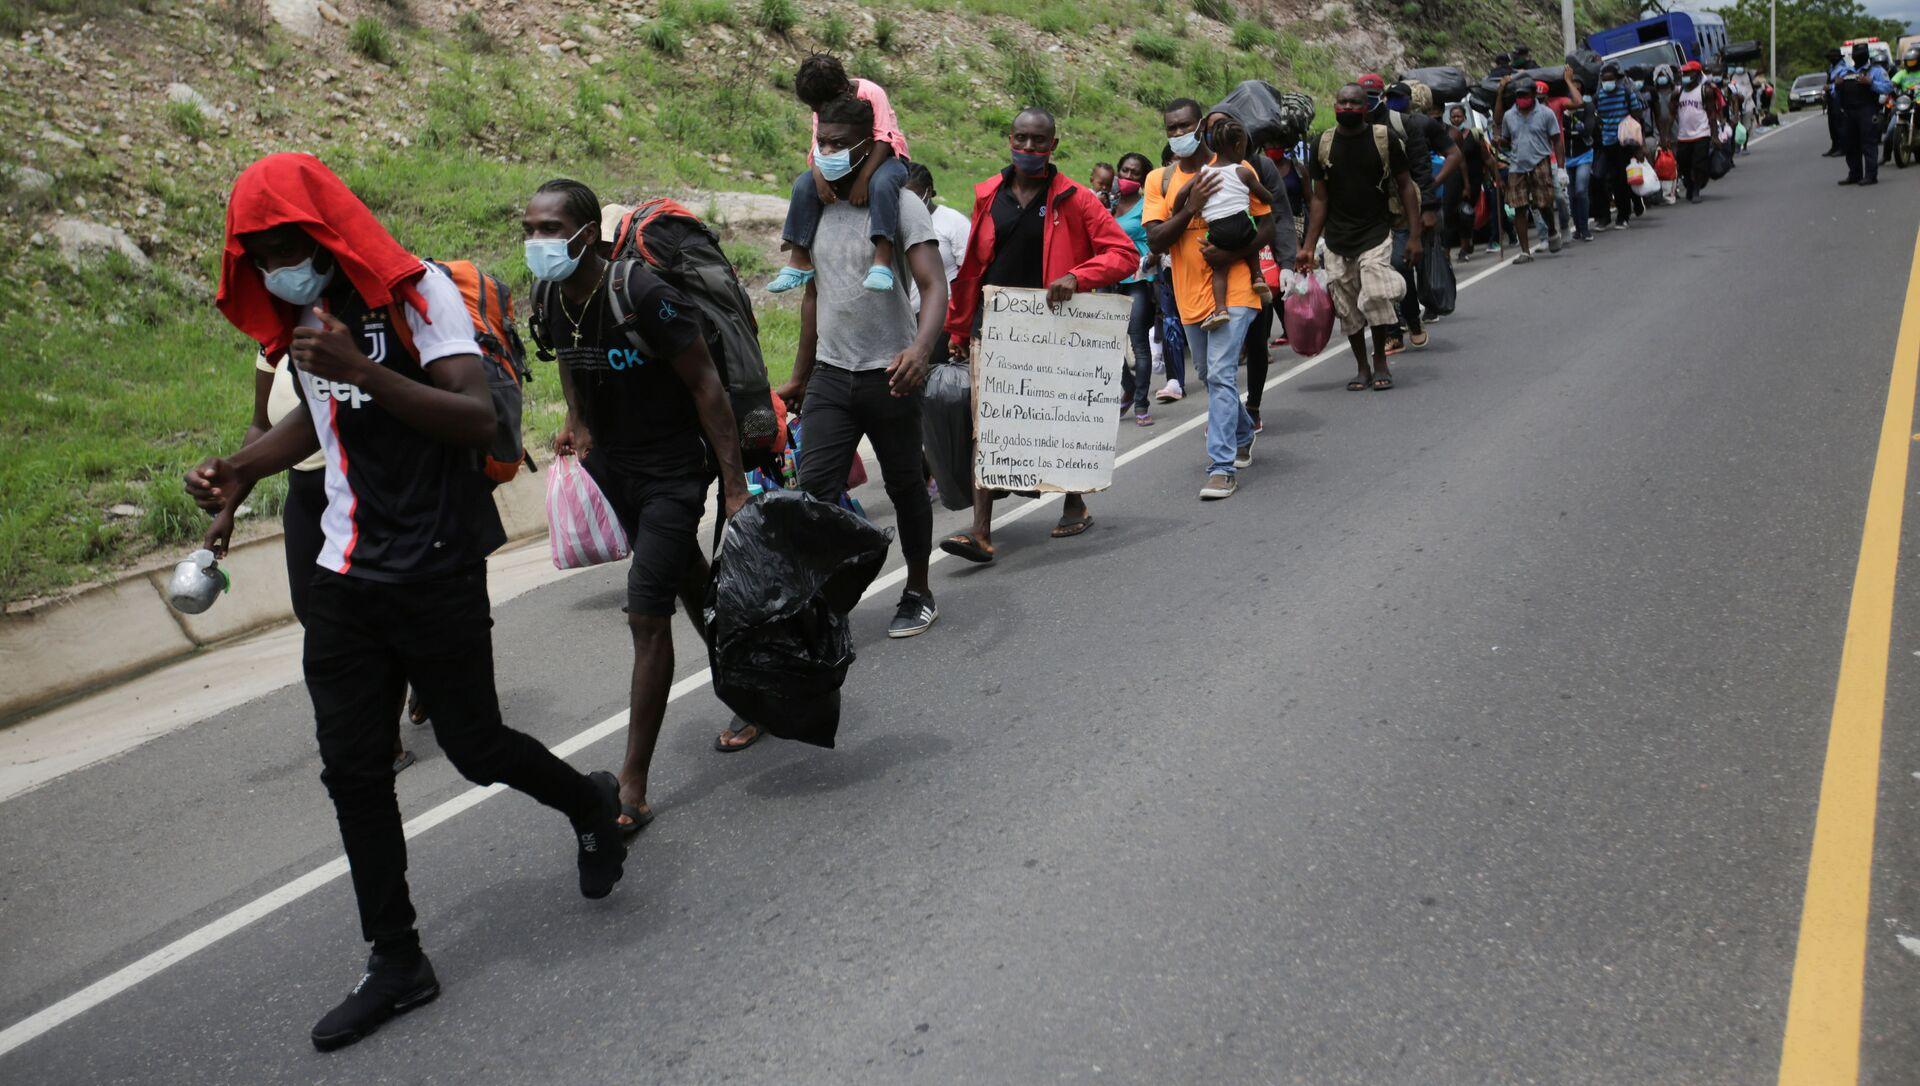 Migrantes de Cuba, África y Haití en una carretera en Honduras - Sputnik Mundo, 1920, 04.06.2020